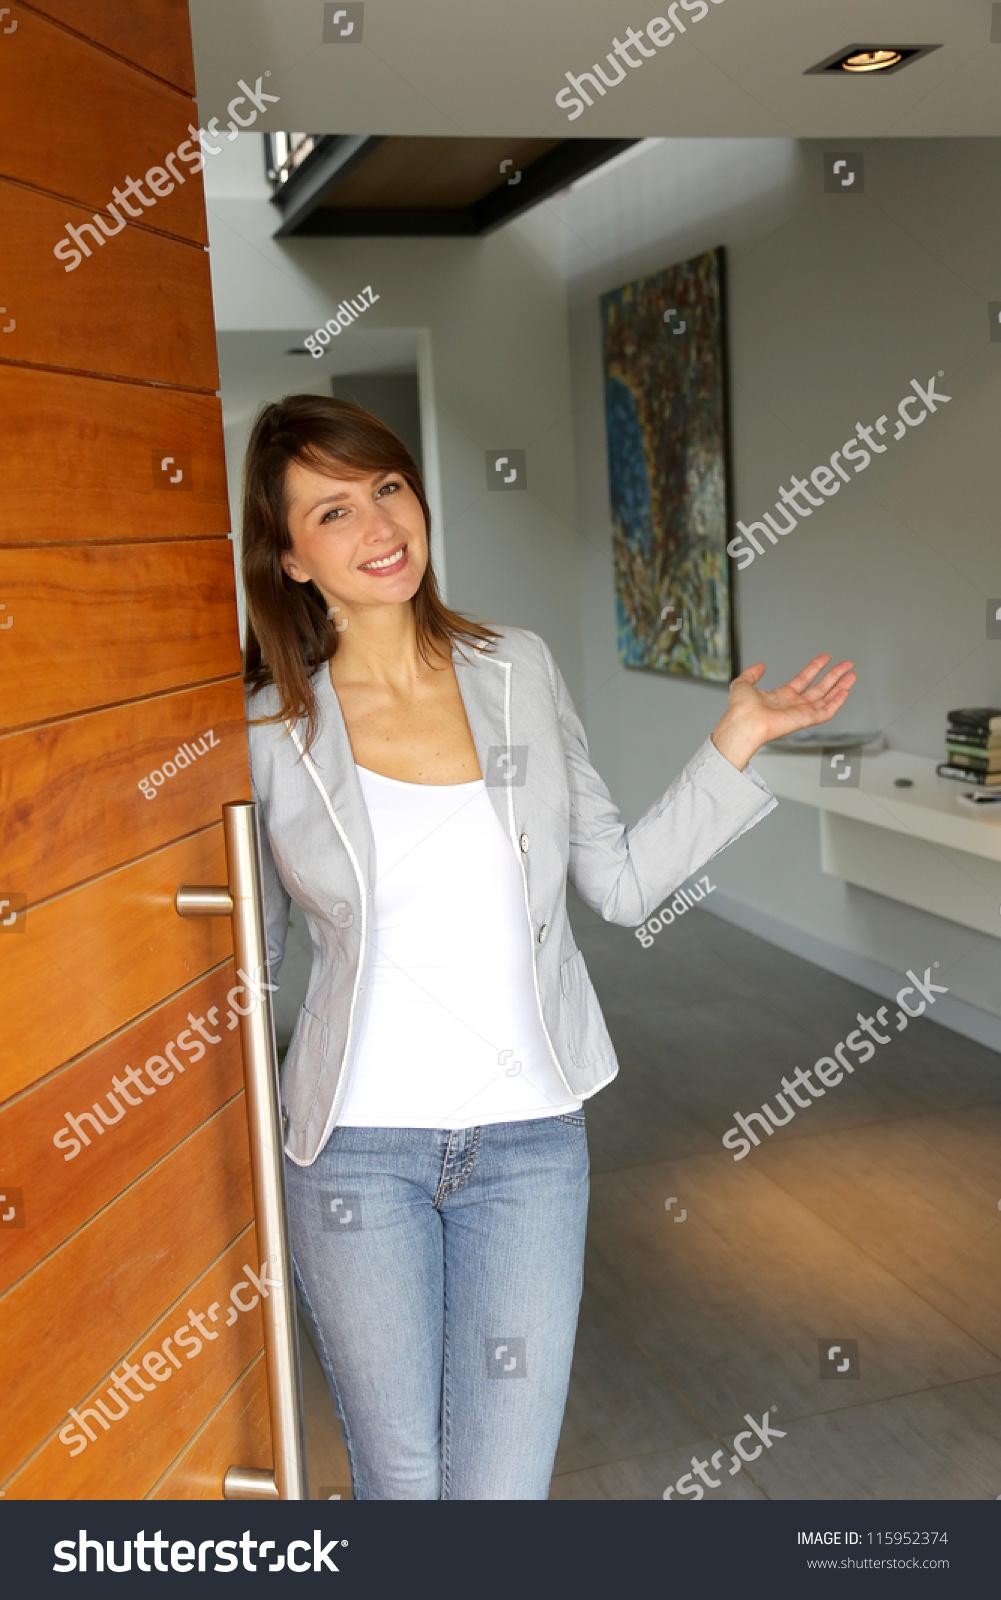 People Opening Doors : Woman opening her house door welcome stock photo